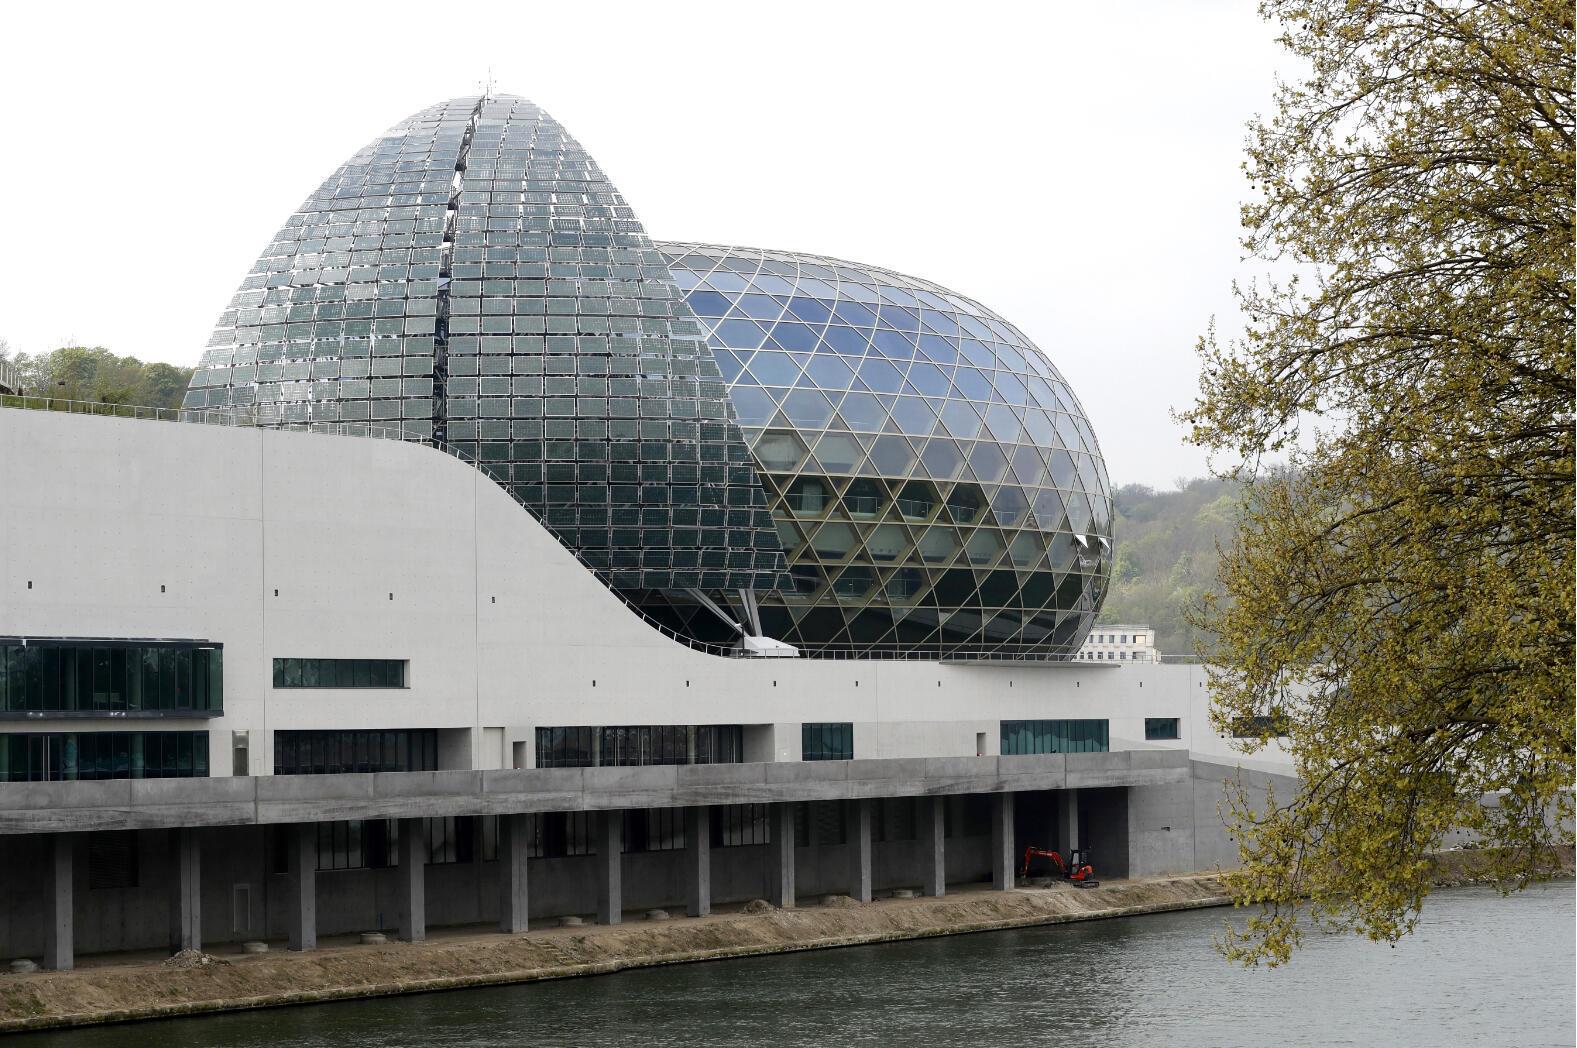 La Seine Musicale sur l'île Séguin, à Boulogne-Billancourt, conçue par les architectes Shigeru Ban et Jean de Gastine.